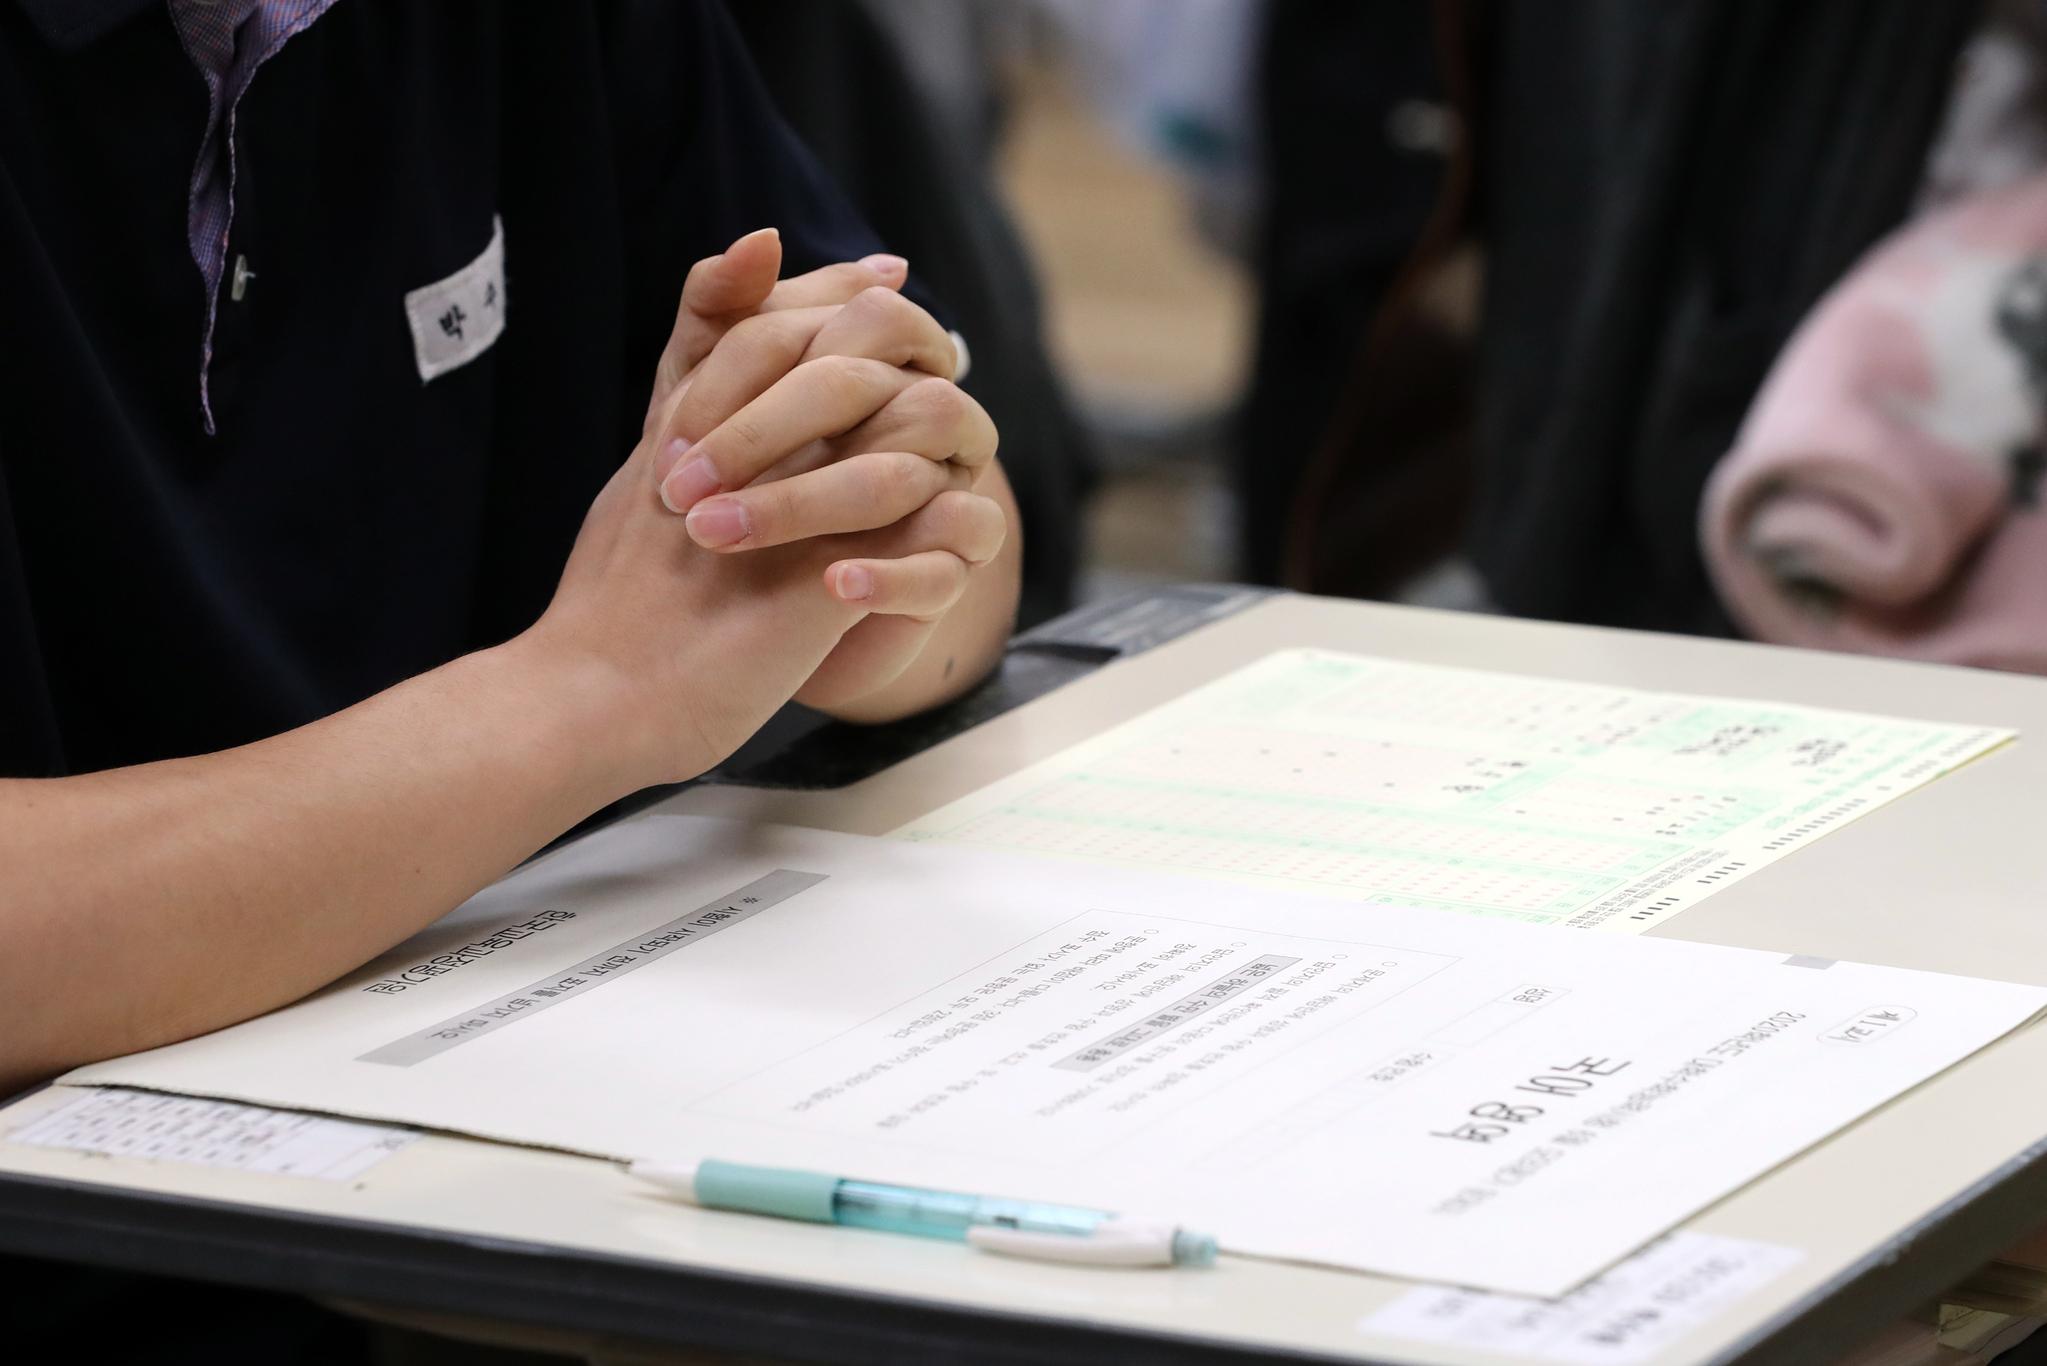 서울의 한 고교생이 2020학년도 대학수학능력시험 모의고사 시작을 기다리고 있다. 최정동 기자